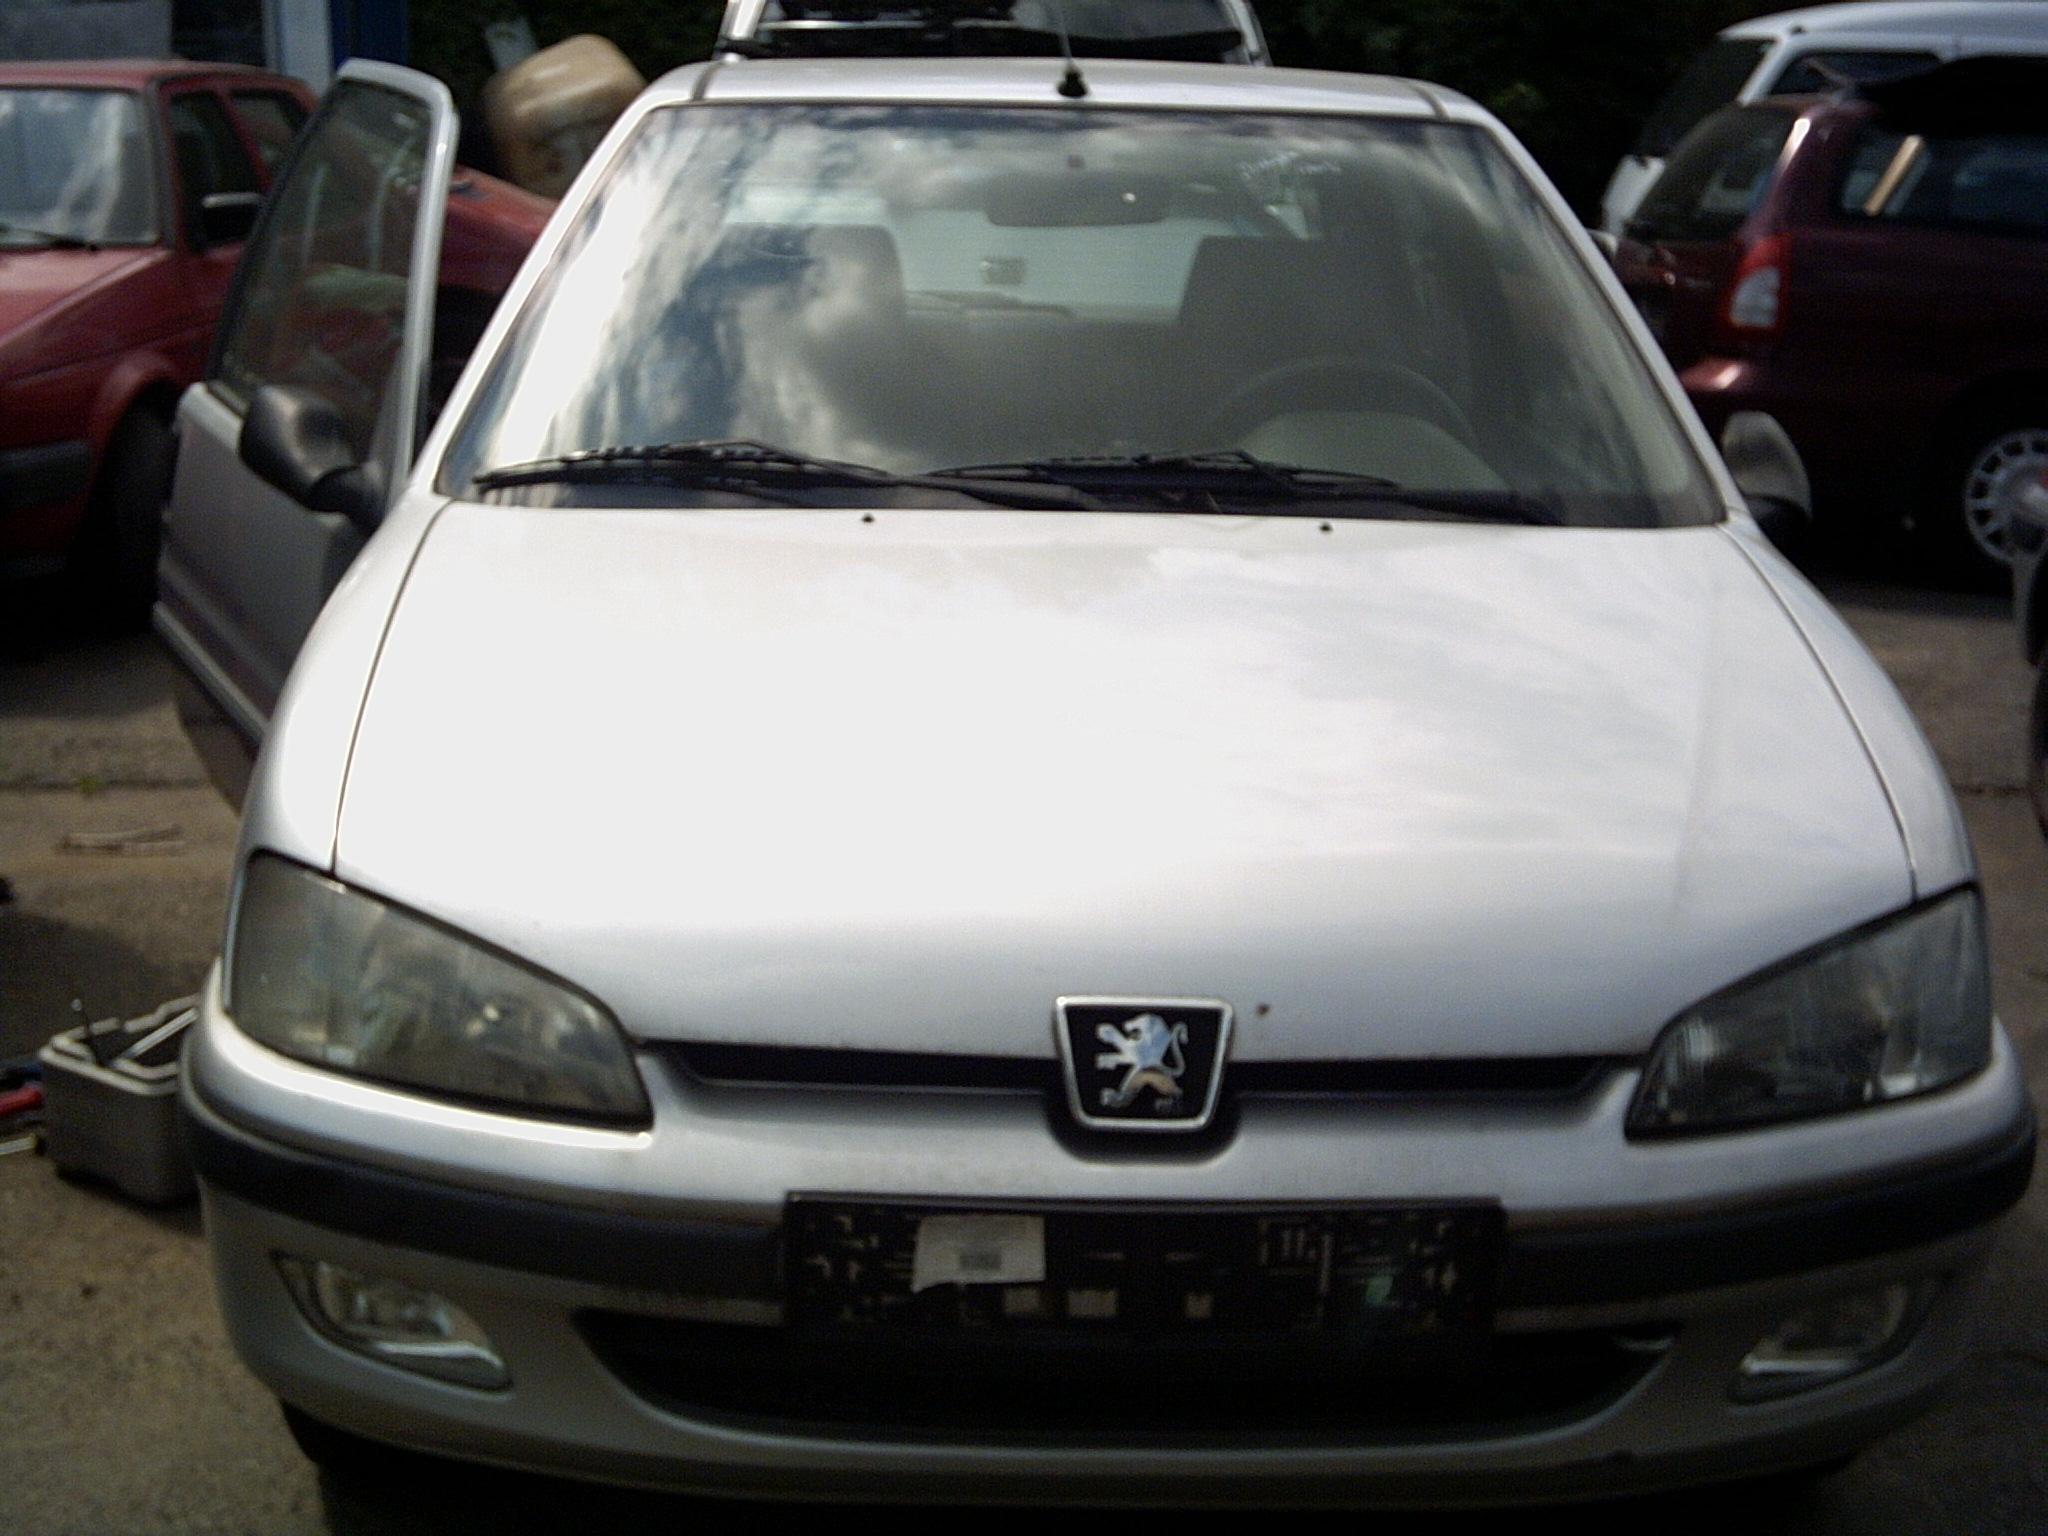 Dezmembrez Peugeot 106 1998 Benzina Coupe - 16 Octombrie 2011 - Poza 4